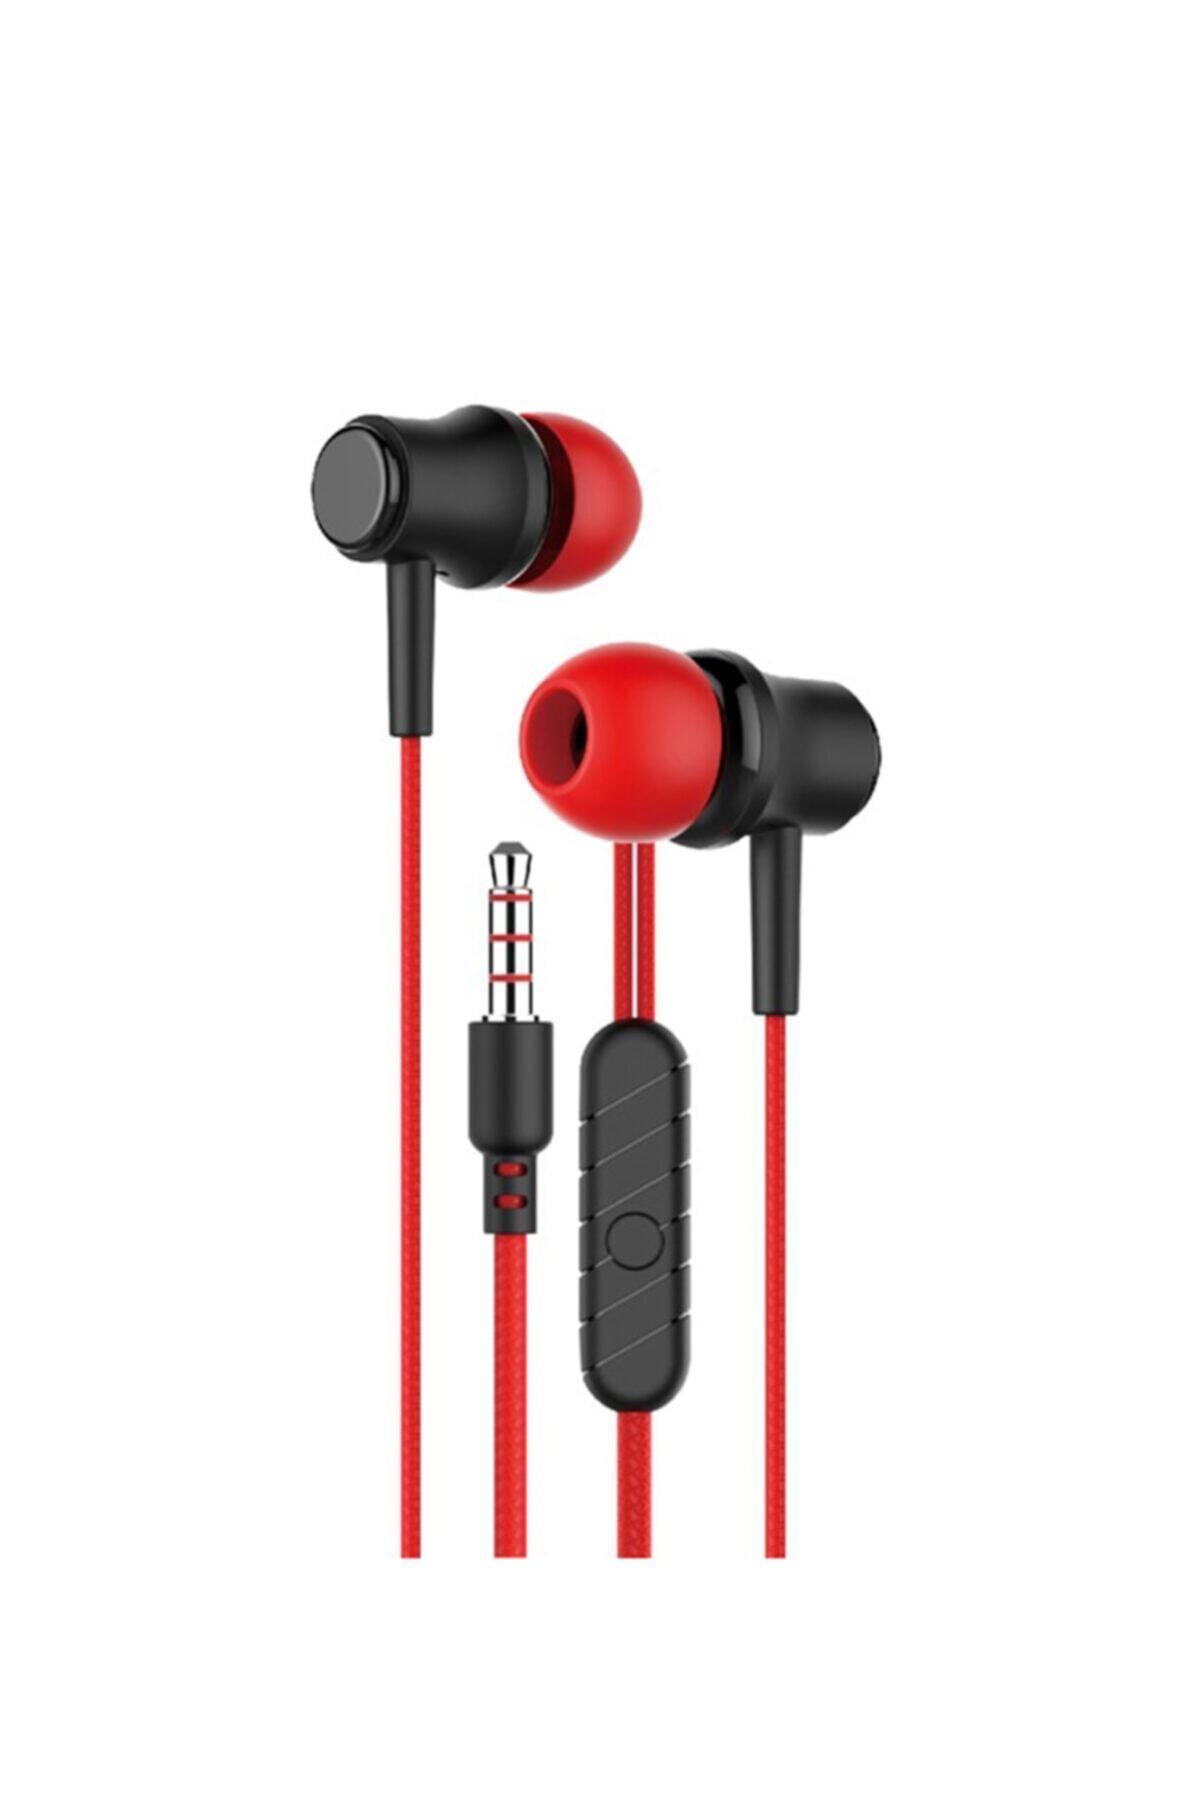 MK-01 Kablolu Mikrofonlu Kulakiçi Kulaklık